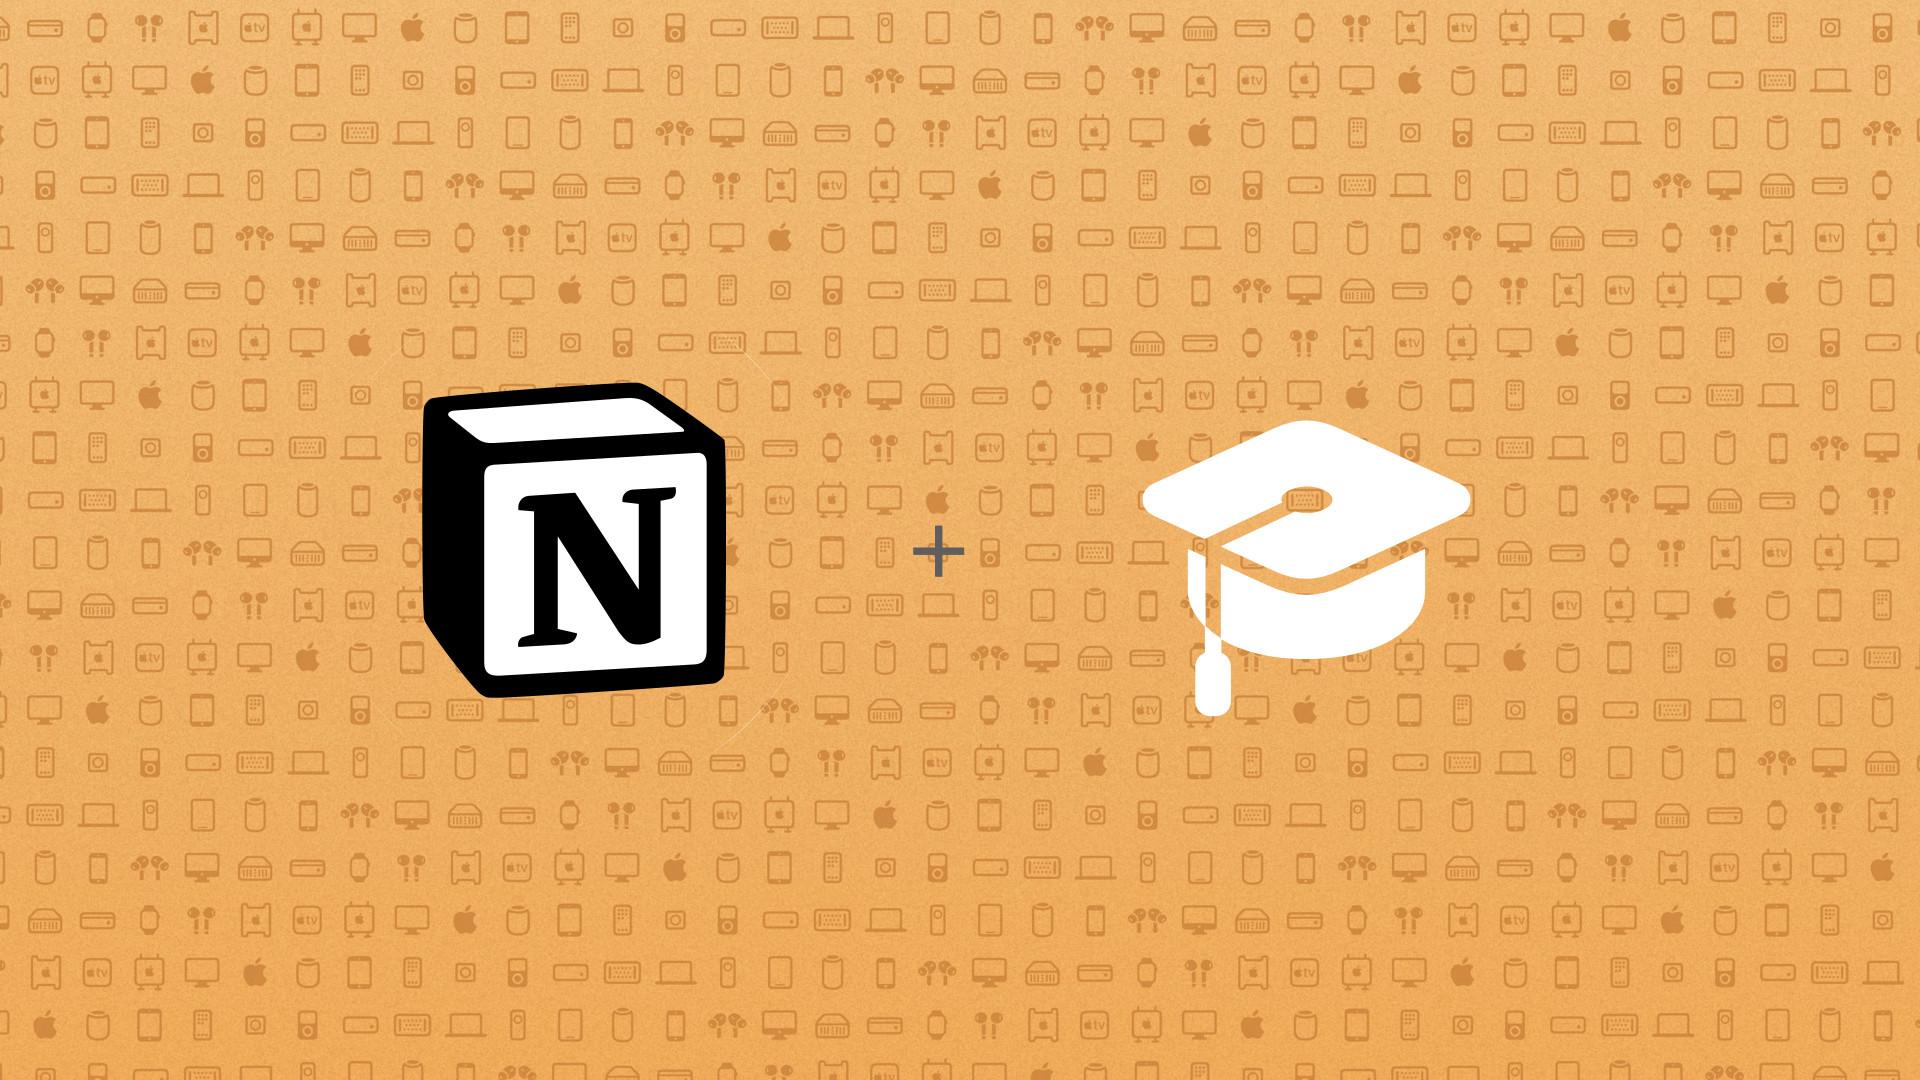 基于 Notion 的学生数据管理